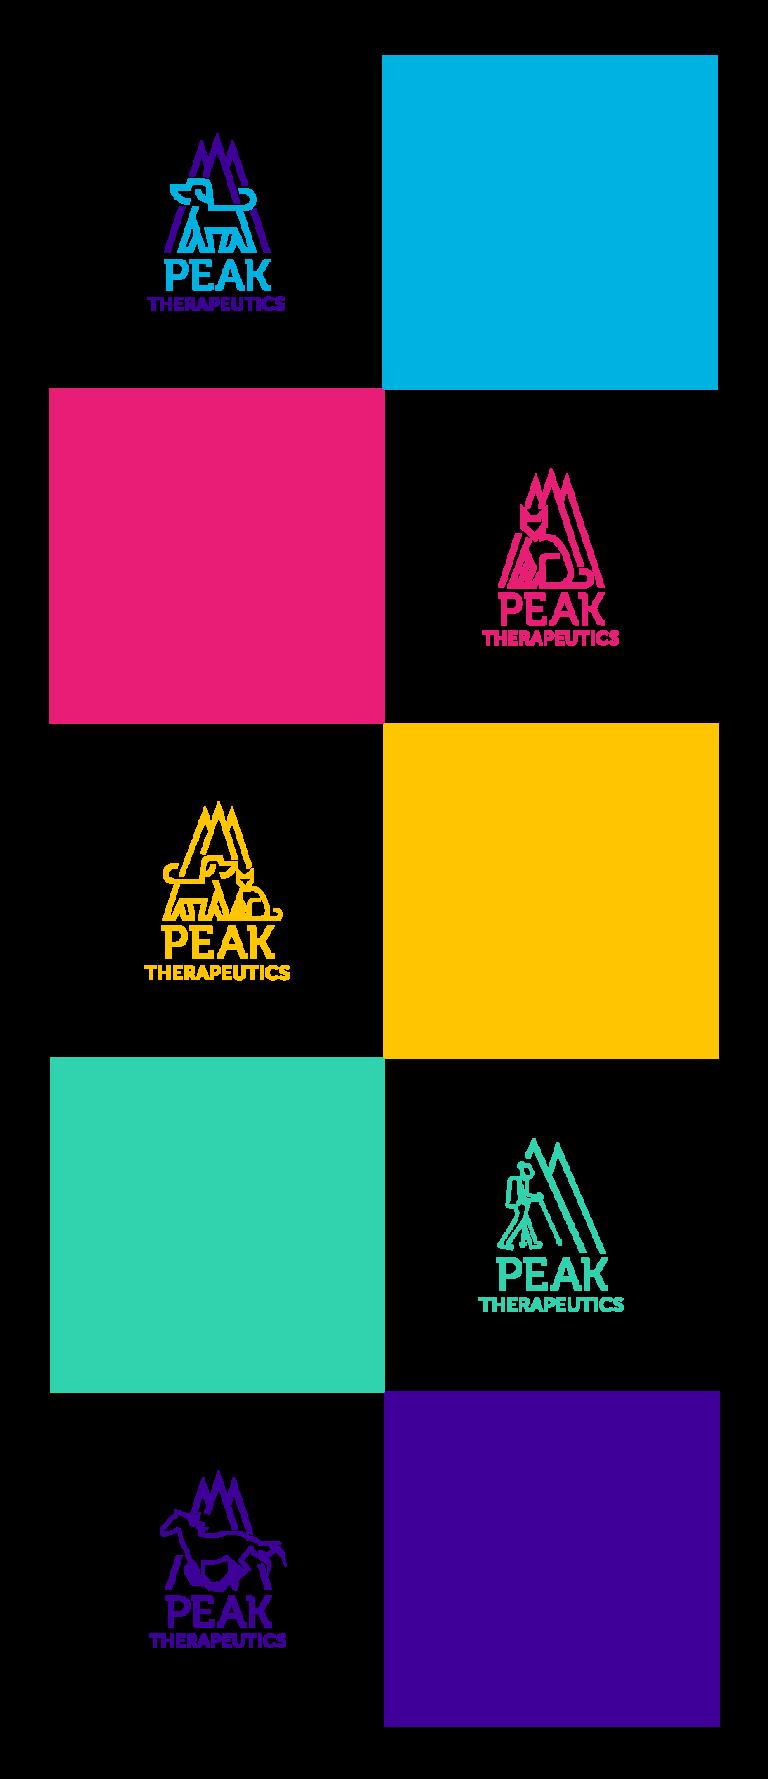 peak-therapeutics-logos